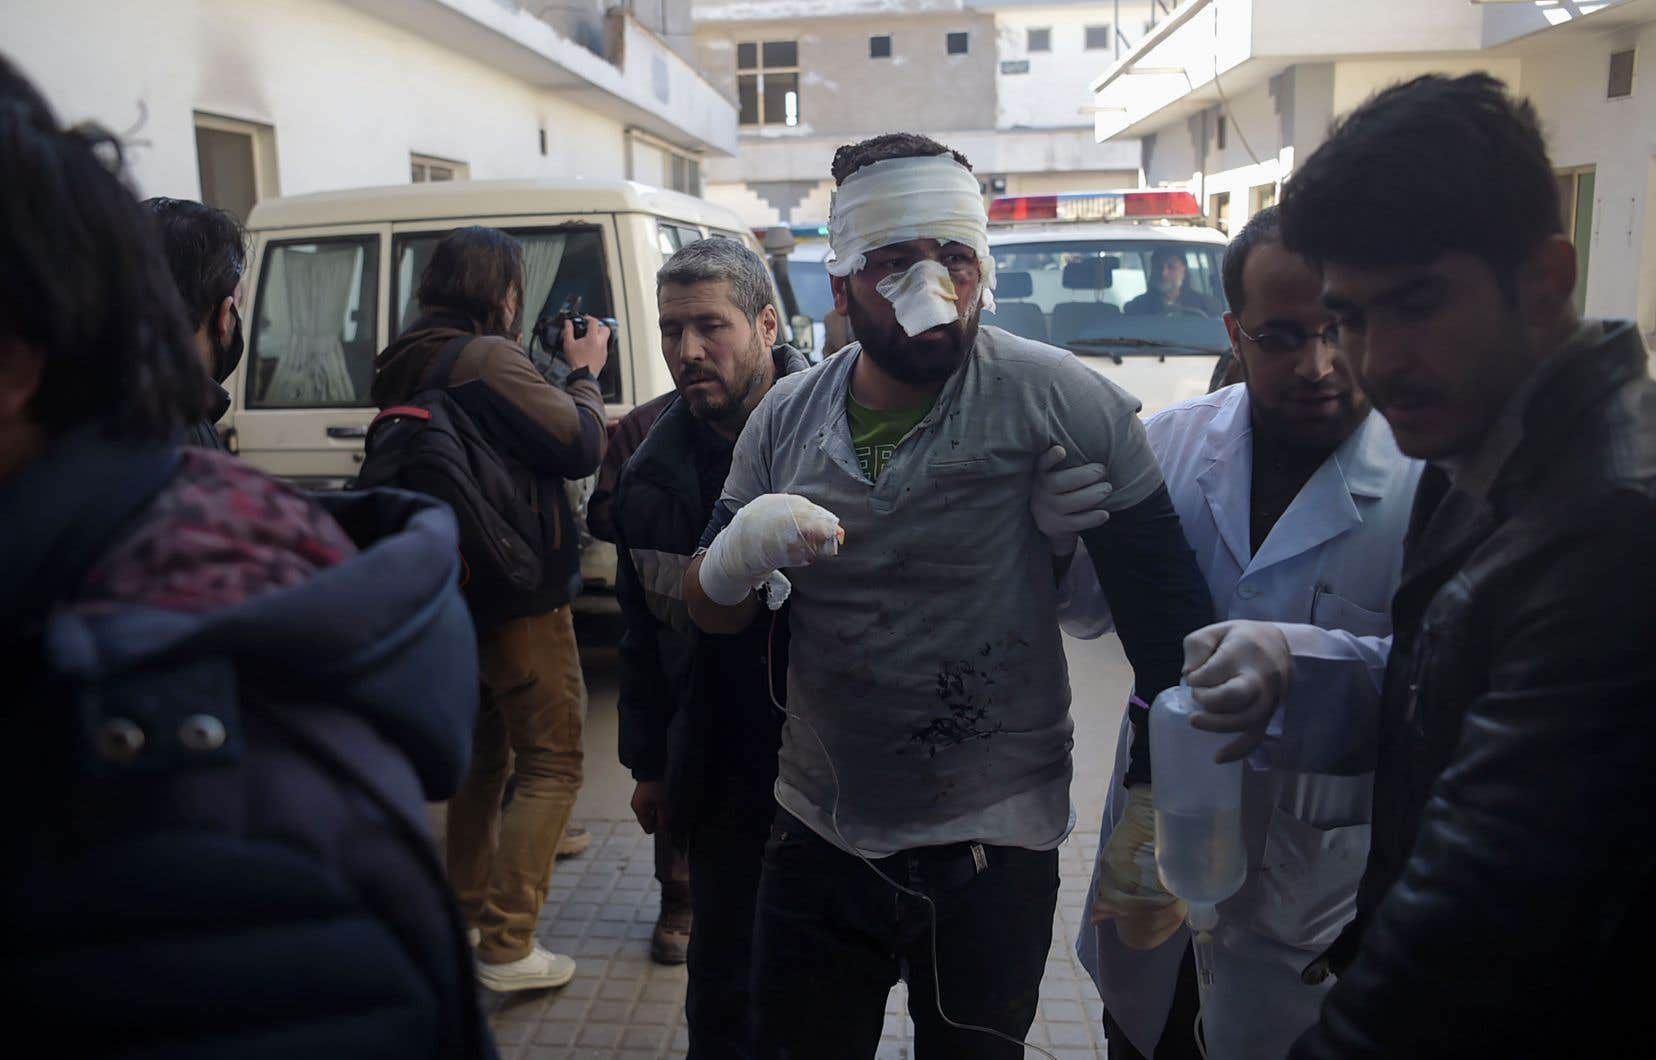 Cet attentat est le plus sanglant en Afghanistan depuis celui ayant visé une mosquée chiite en octobre.